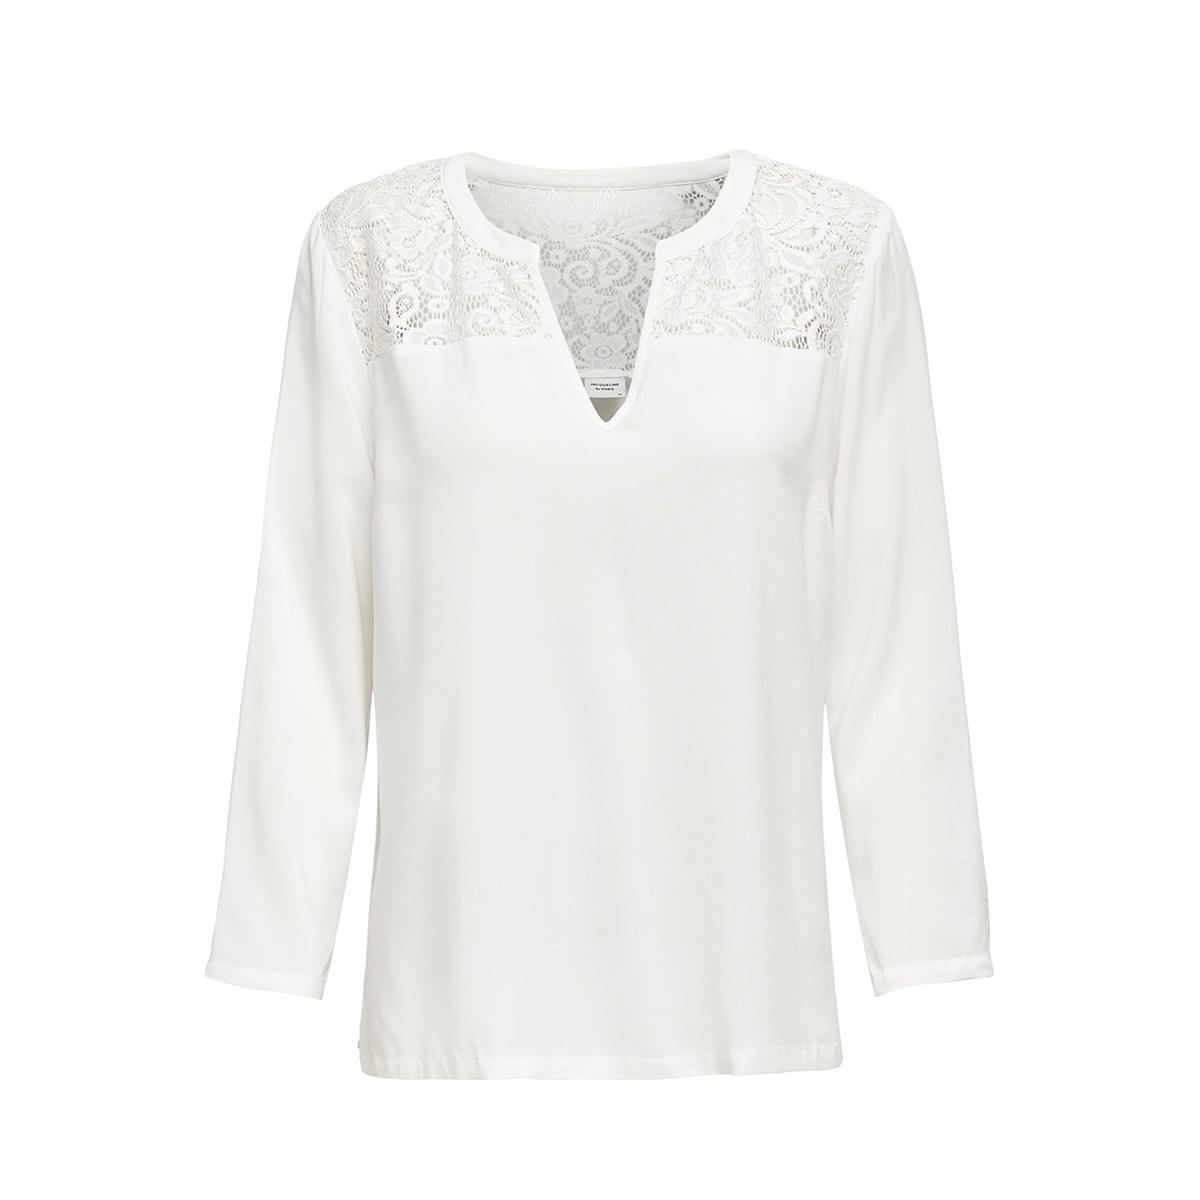 jdyraymond 7/8  lace top wvn noos 15194025 jacqueline de yong blouse cloud dancer